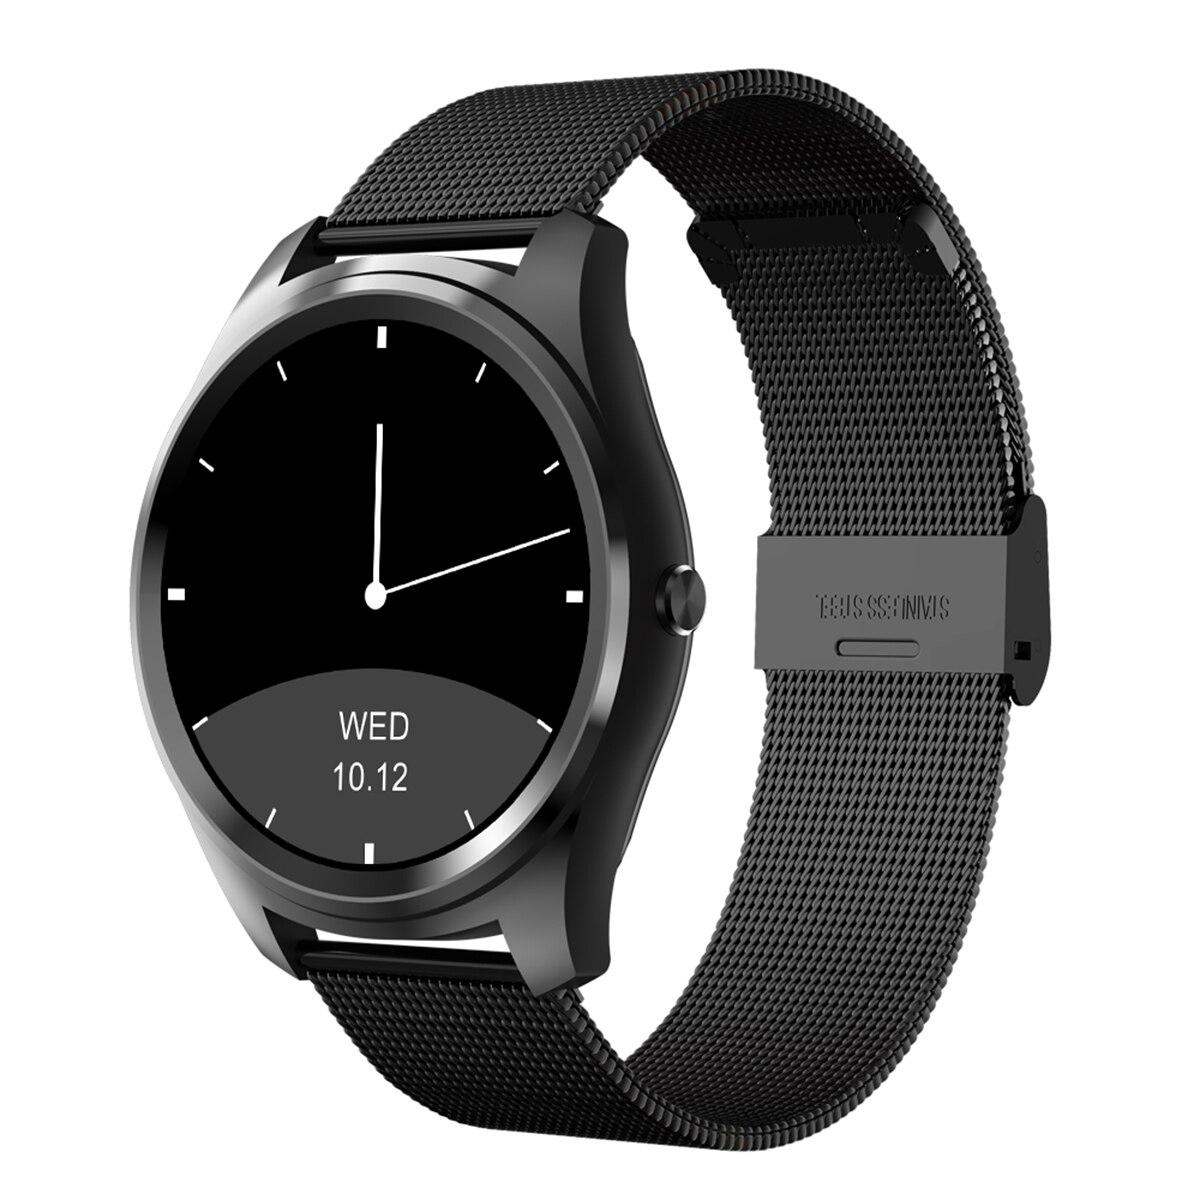 Diggro DI03 reloj inteligente MTK2502C Monitor de ritmo cardíaco Pedometer Sedentary recordar sueño Monitor notificaciones empujando